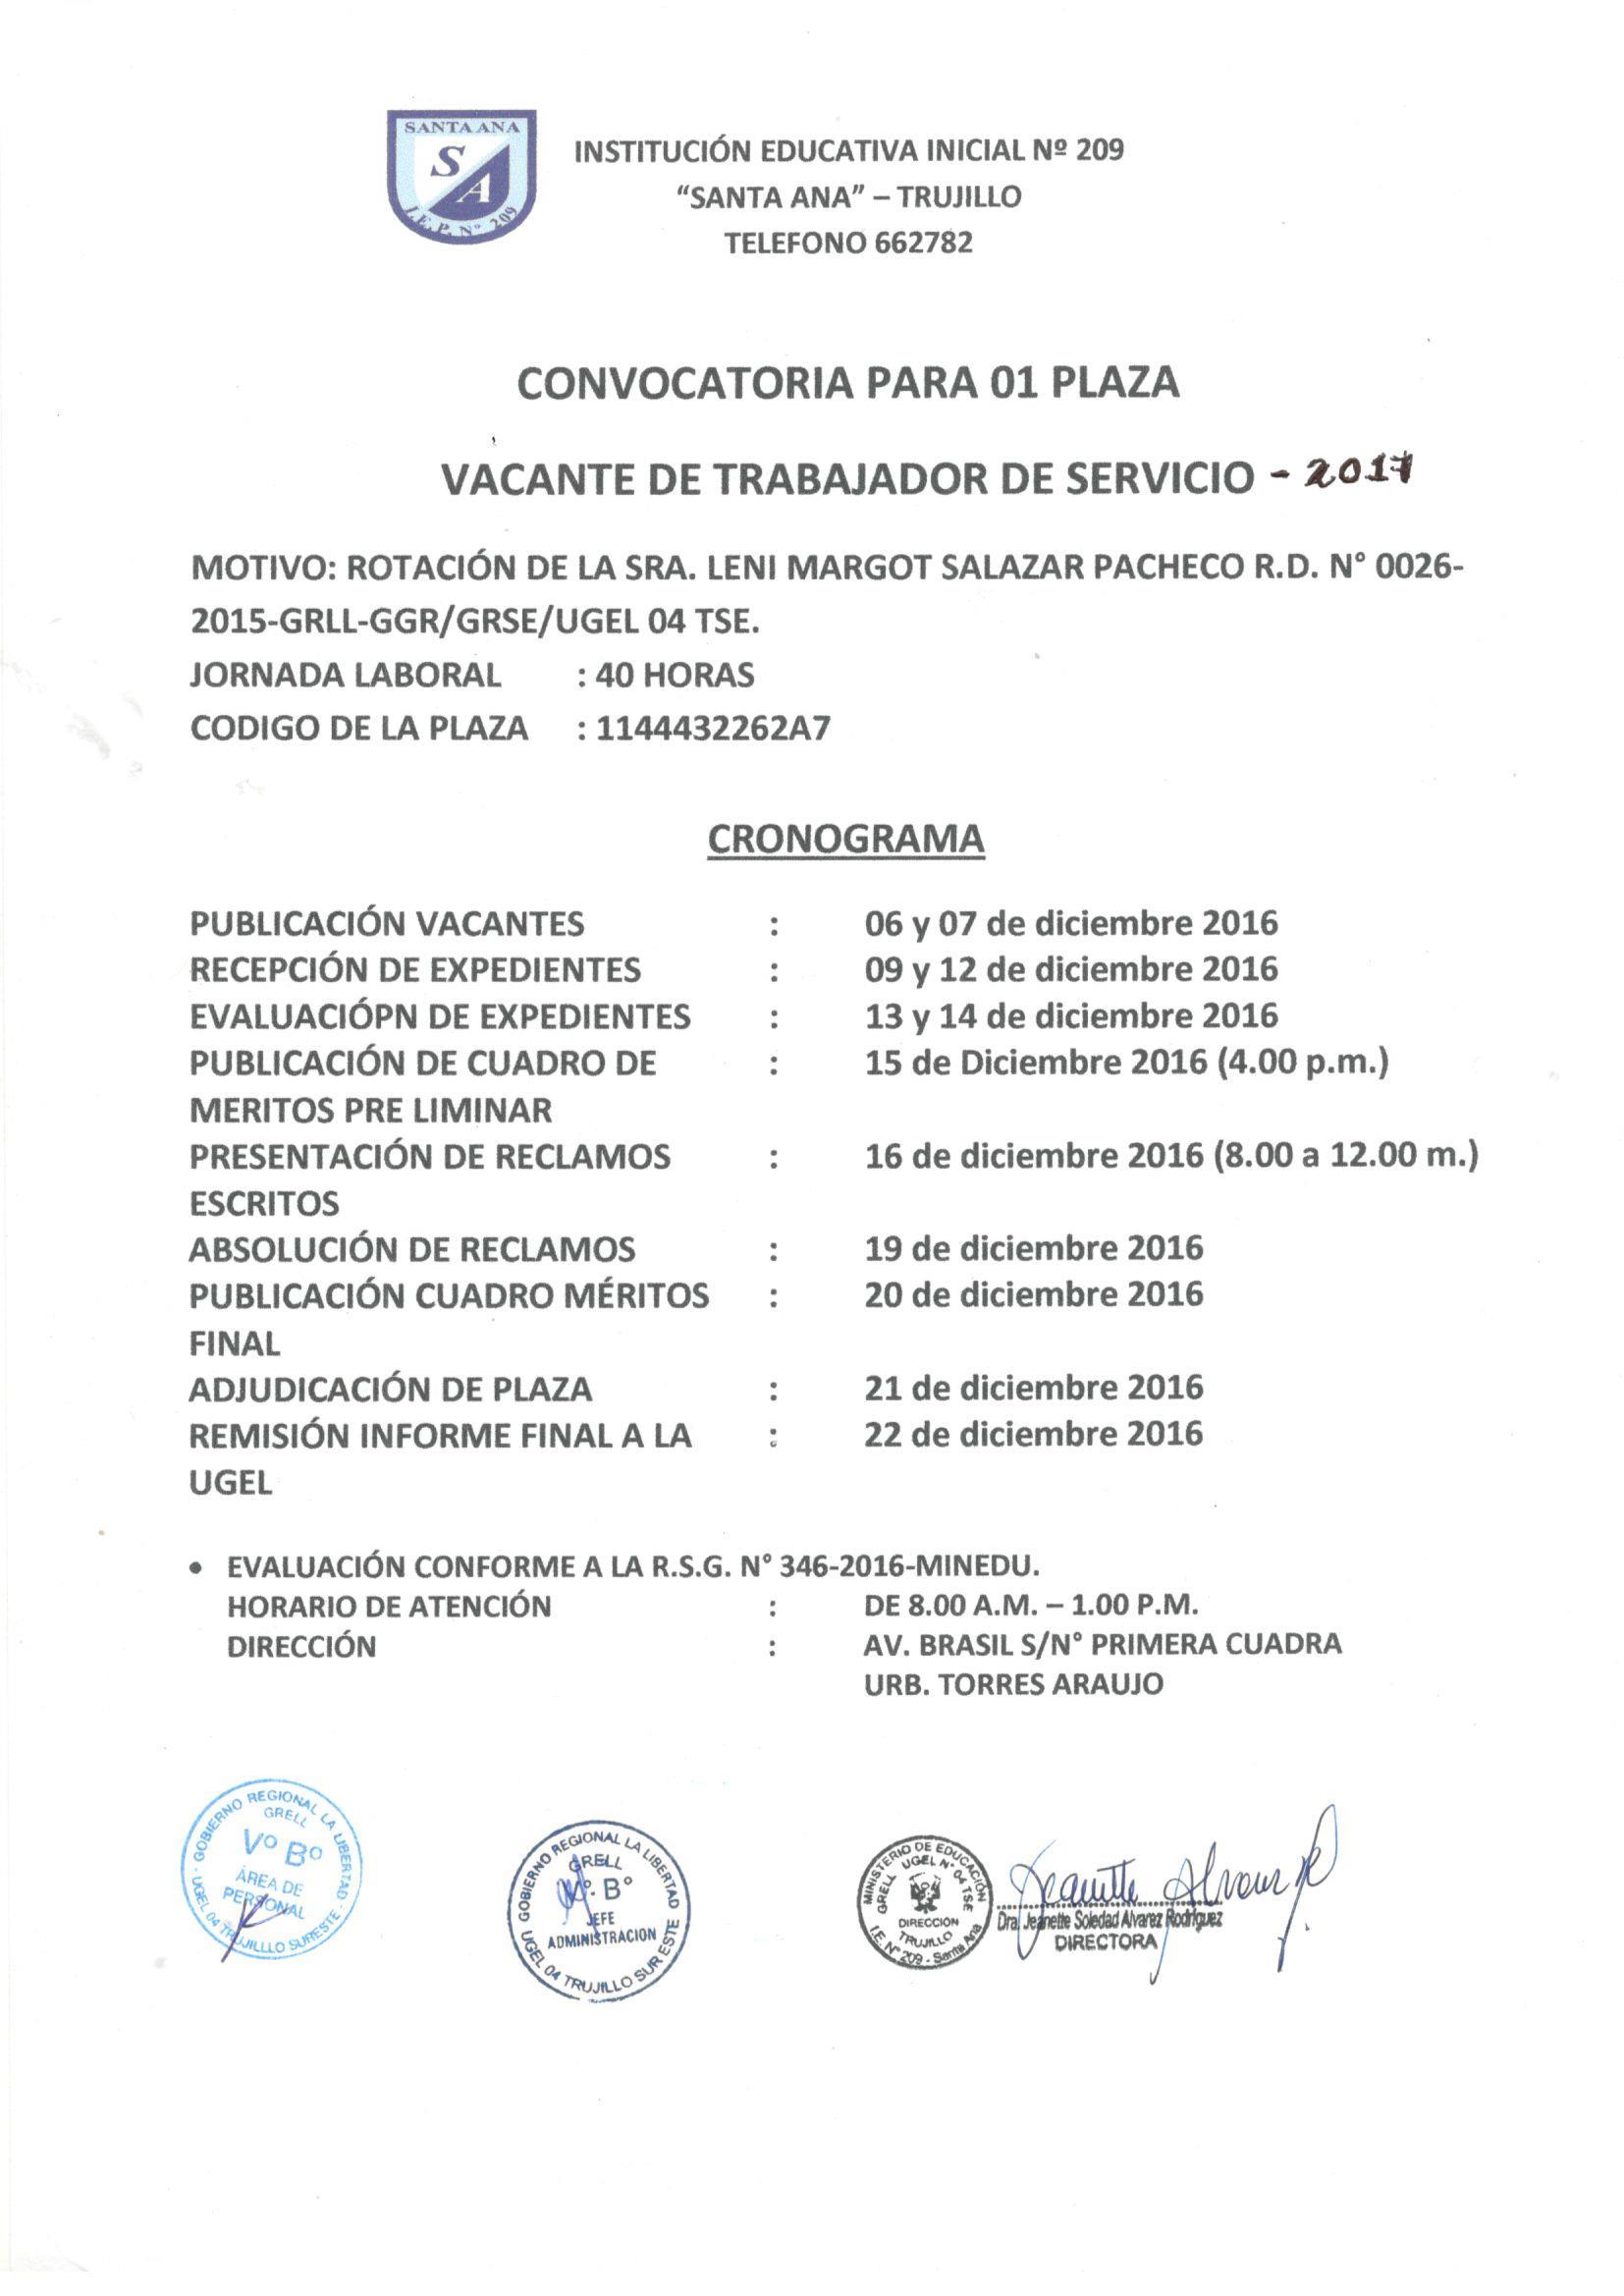 Convocatoria para contrataci n de personal de servicios for Convocatoria para docentes 2016